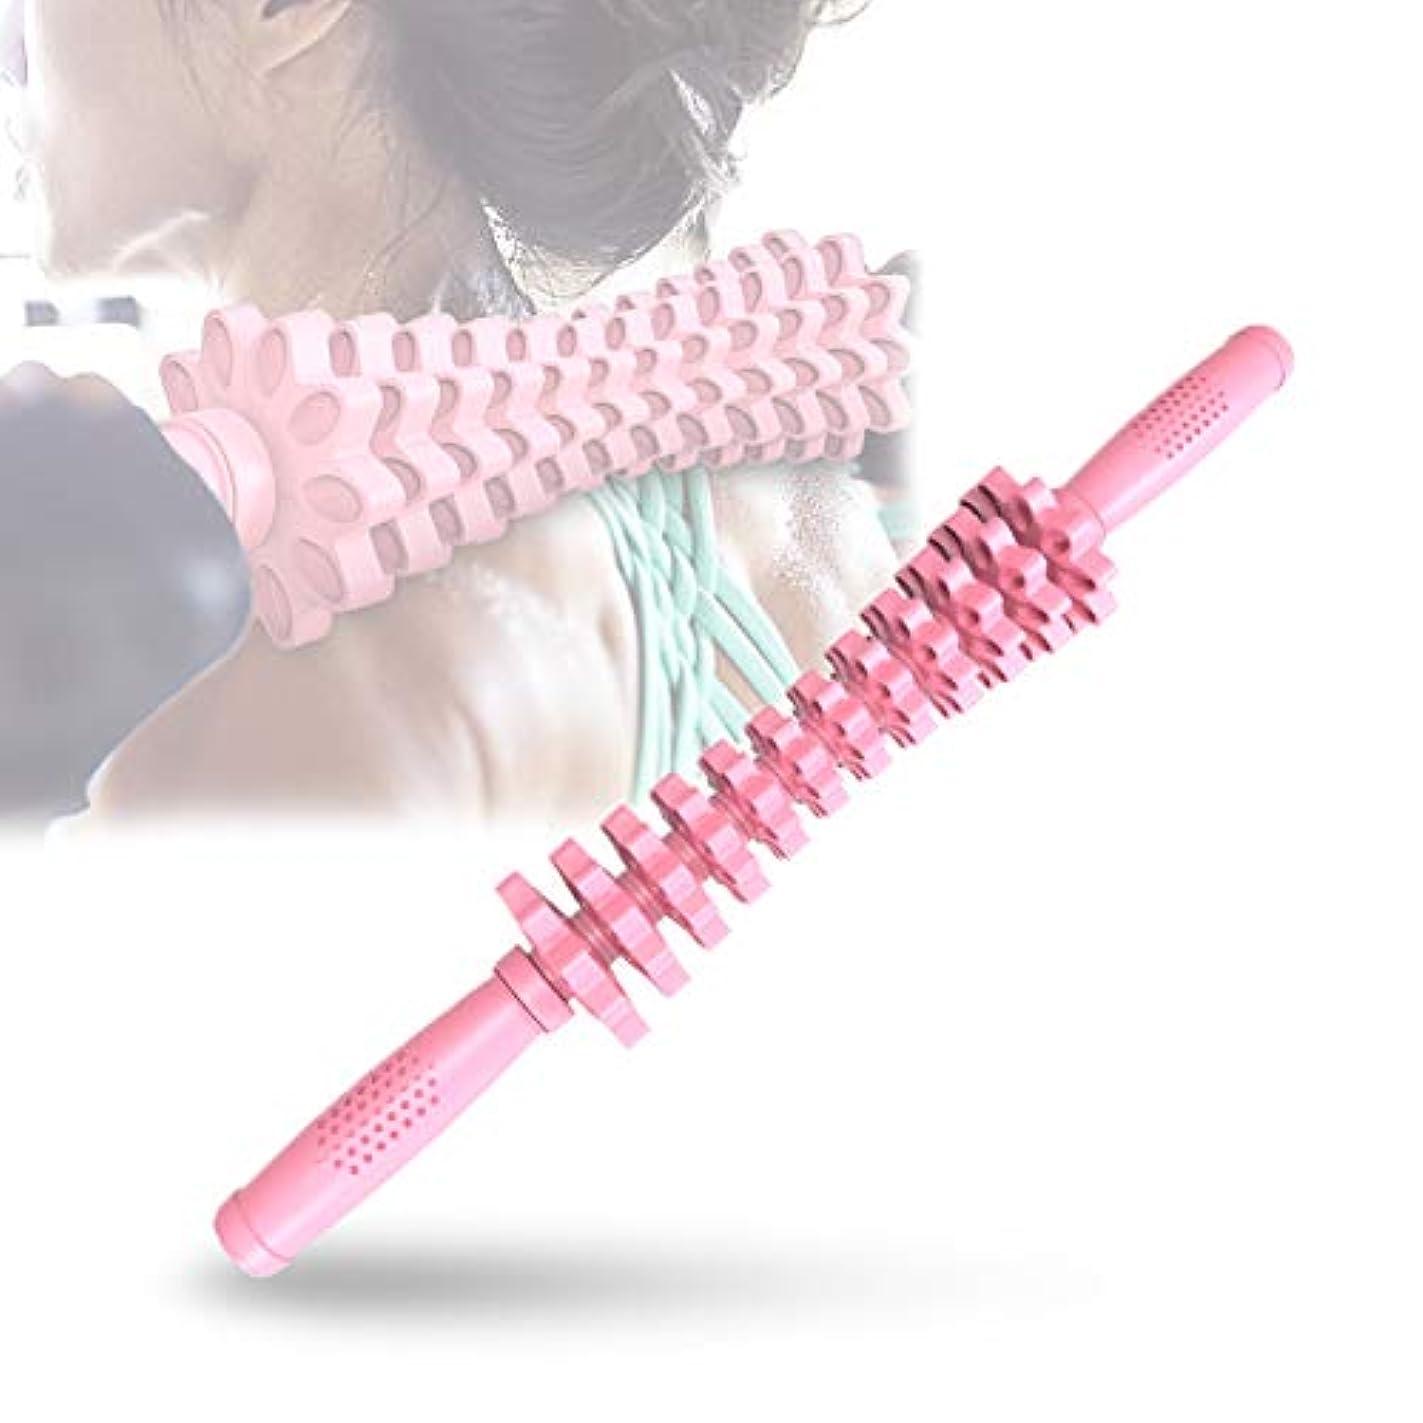 ちらつきソビエト苦悩フォームローラー 筋肉マッサージおよび筋筋膜のトリガーポイント解放のためのギヤマッサージャーの取り外し可能なポリ塩化ビニールの快適な滑り止め,Pink